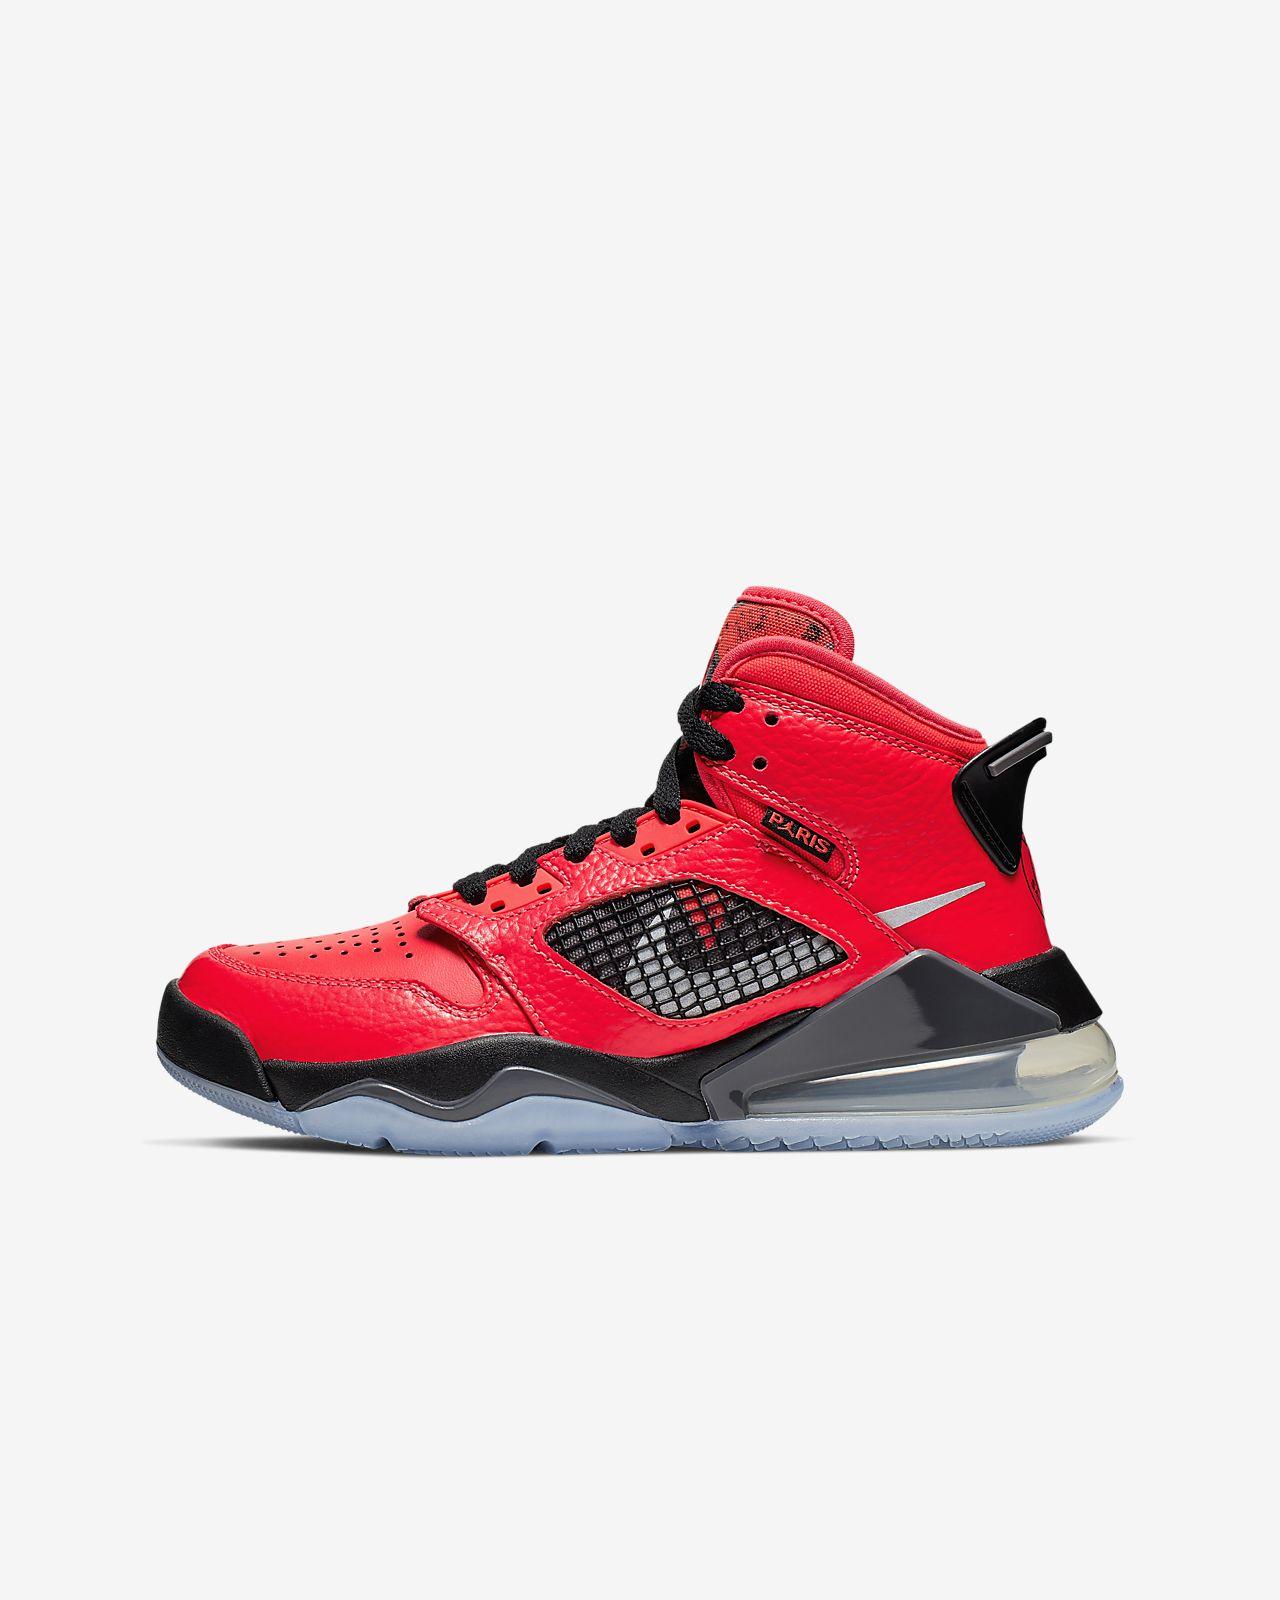 factory authentic quality design usa cheap sale Jordan Mars 270 Paris Saint-Germain Older Kids' (Boys') Shoe